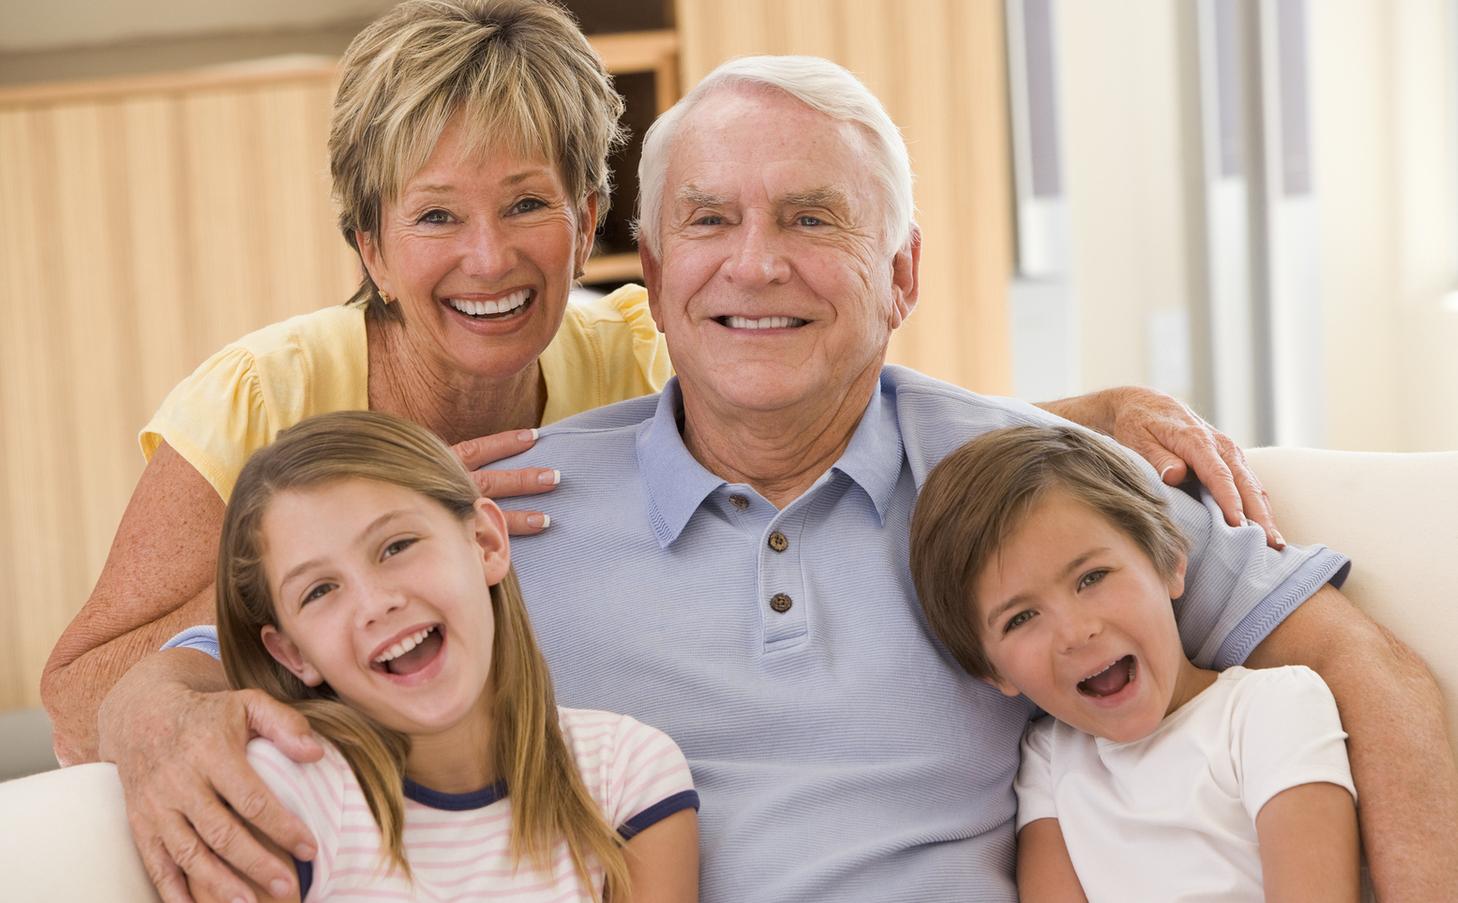 Реальное бабушка и внук 7 фотография